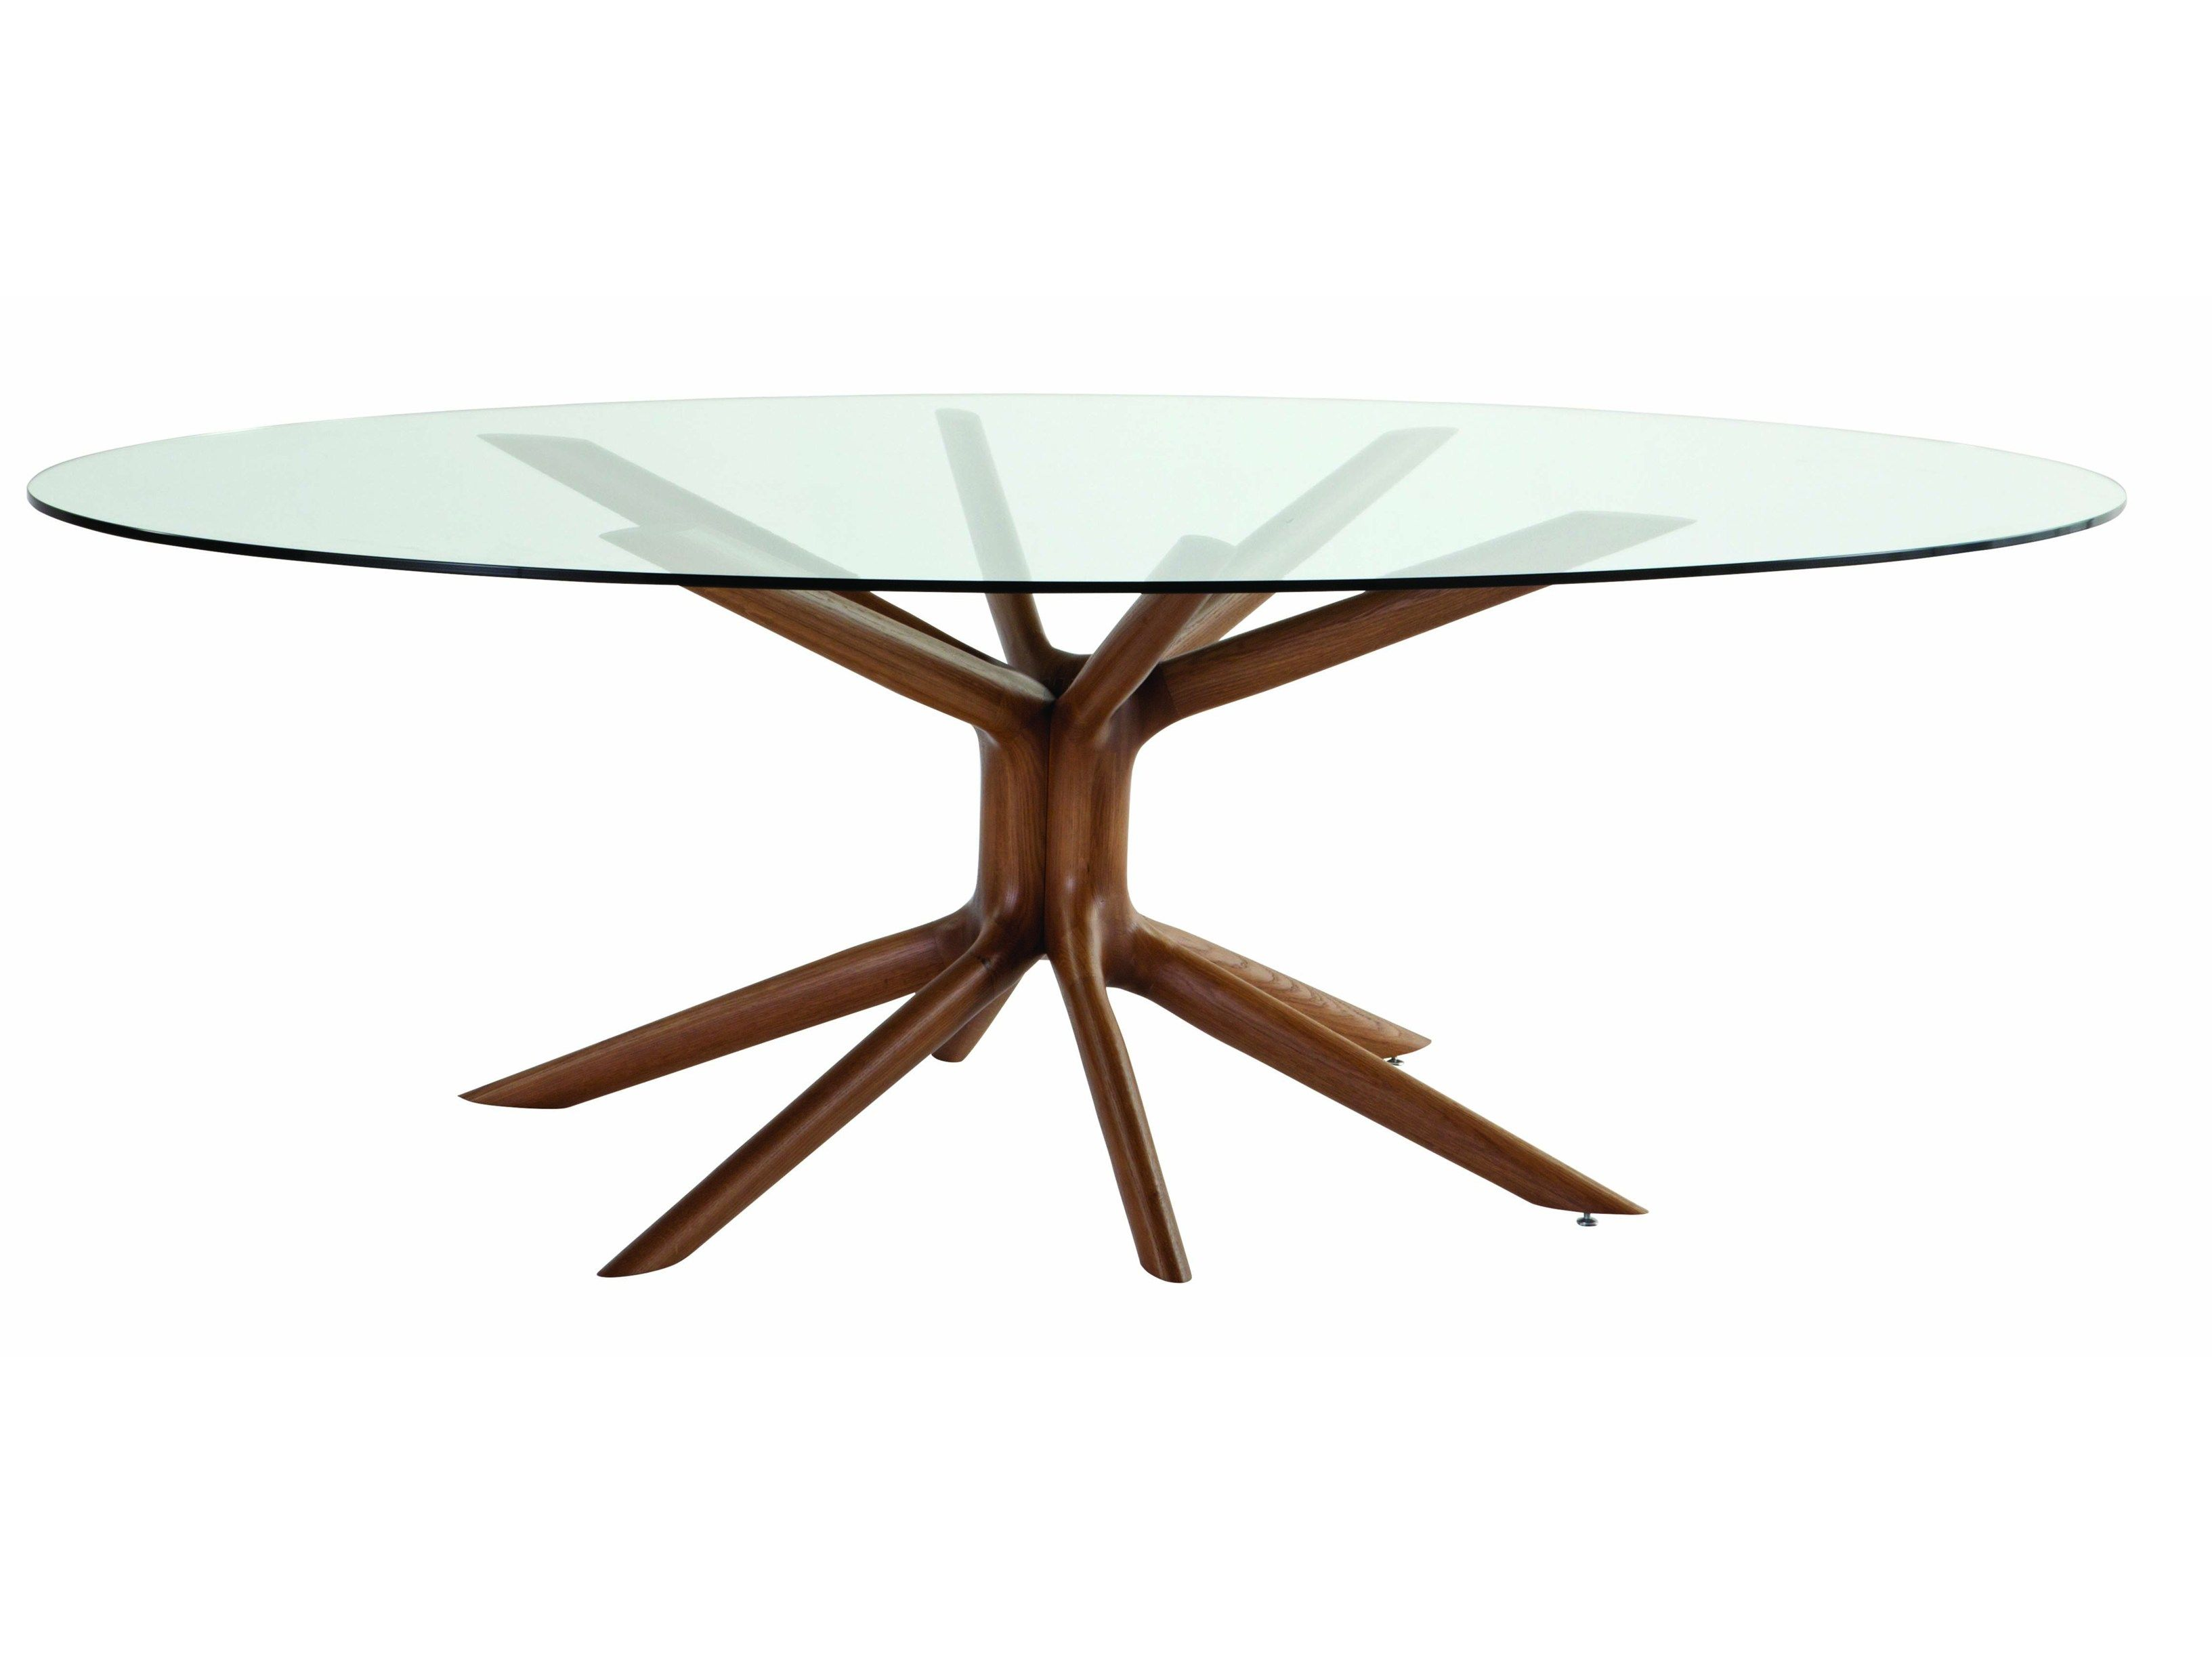 mesa de jantar oval de vidro mangrove roche bobois